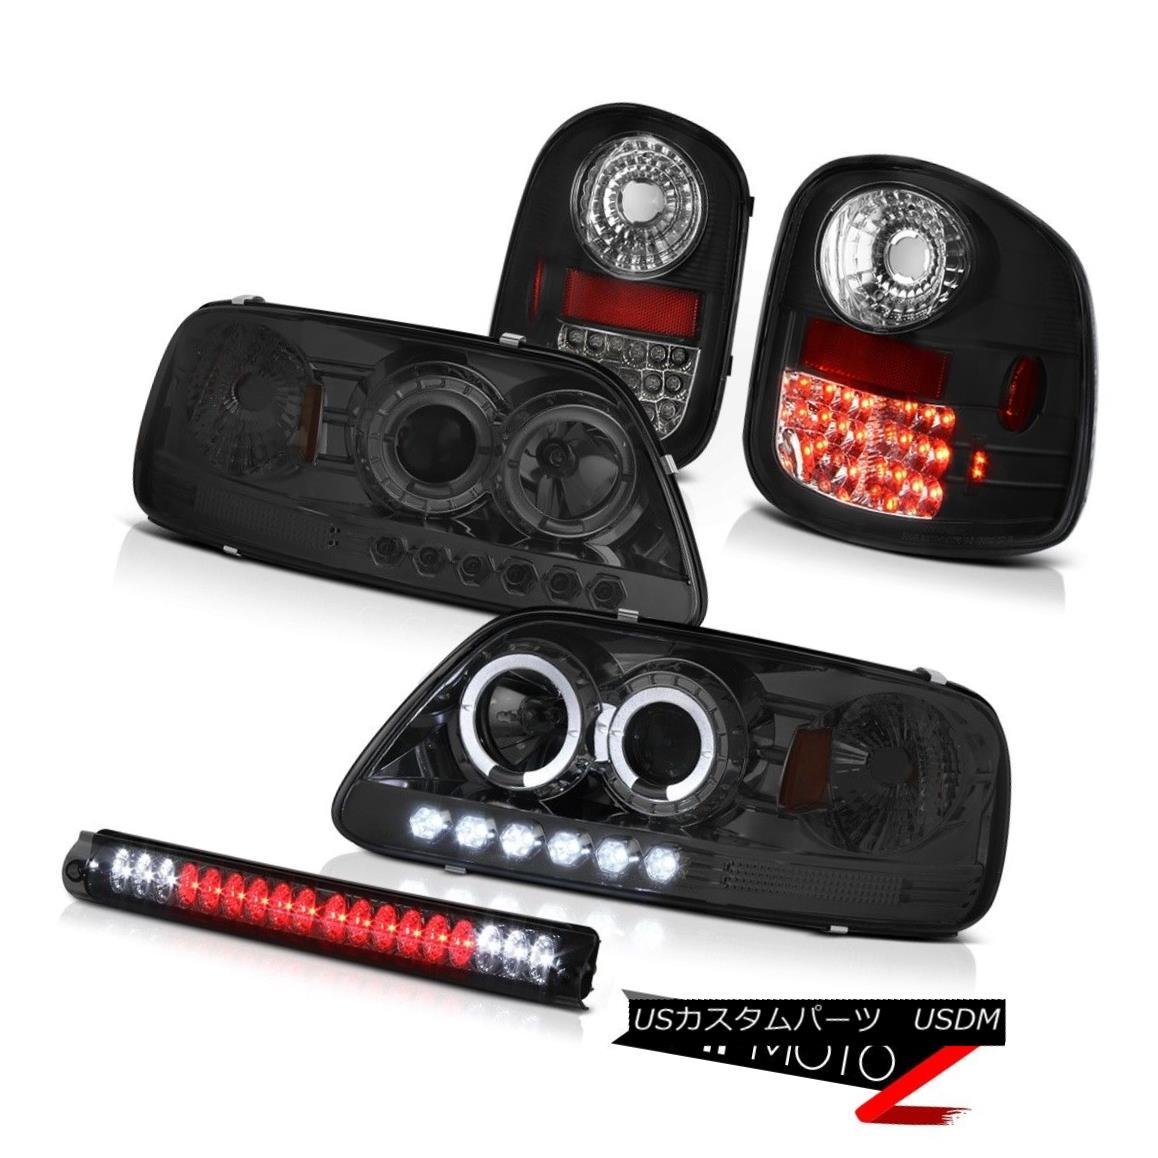 ヘッドライト Halo Rim Headlights Smoke SMD Taillights 3rd Cargo LED 97-03 Ford F150 Flareside ハローリムヘッドライトスモークSMDテールライト3番目の貨物LED 97-03 Ford F150 Flareside